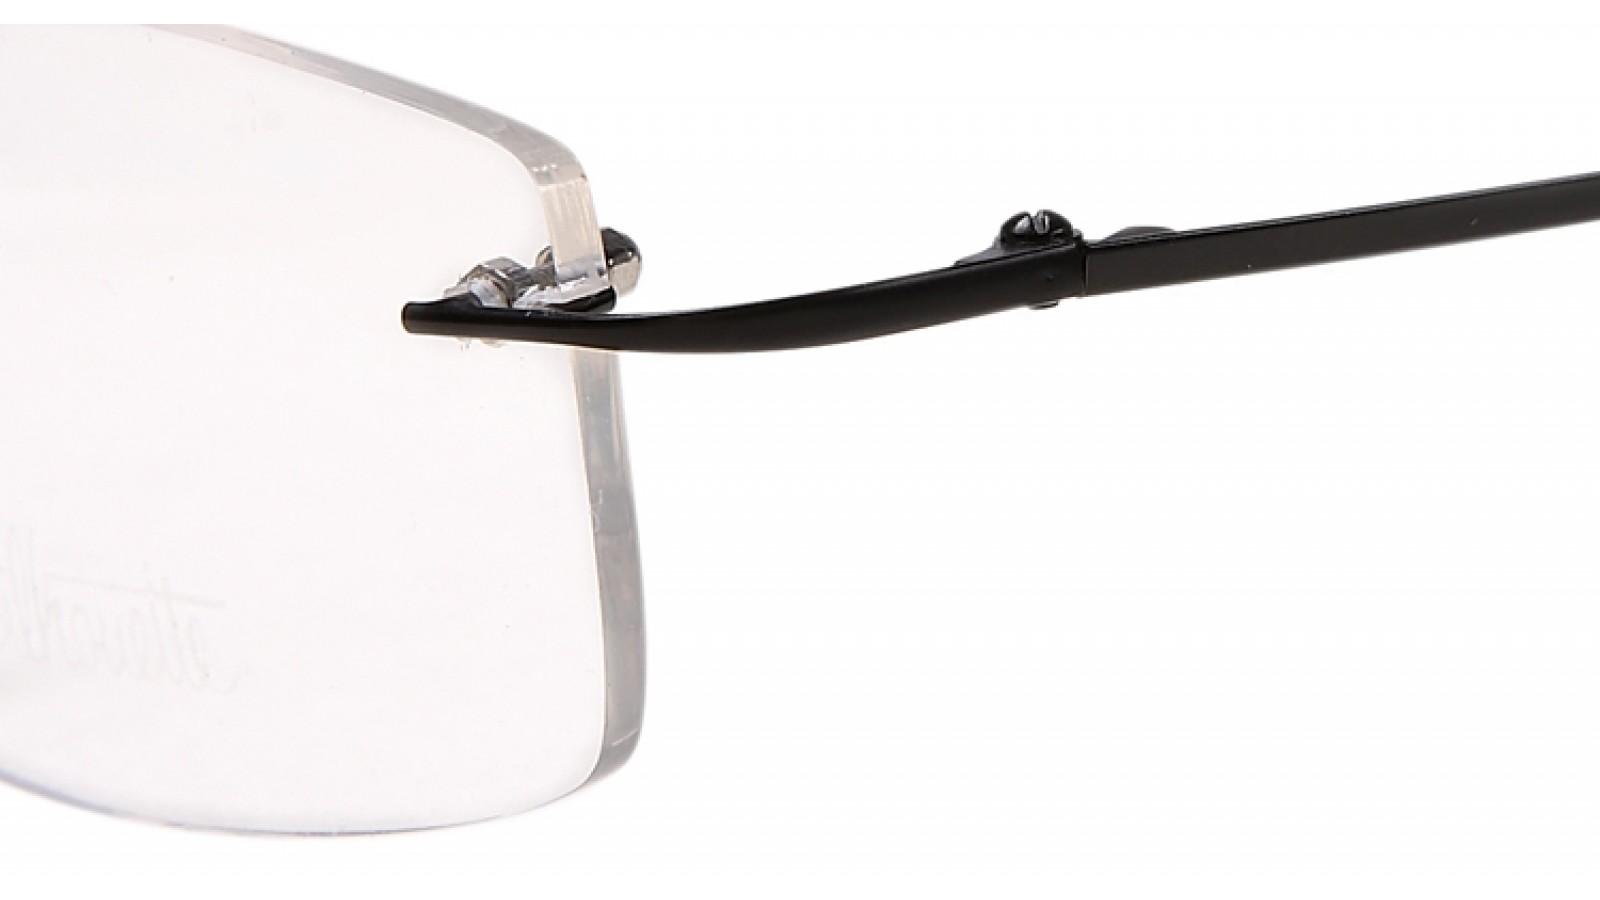 nachts probleme mit gleitsichtbrille